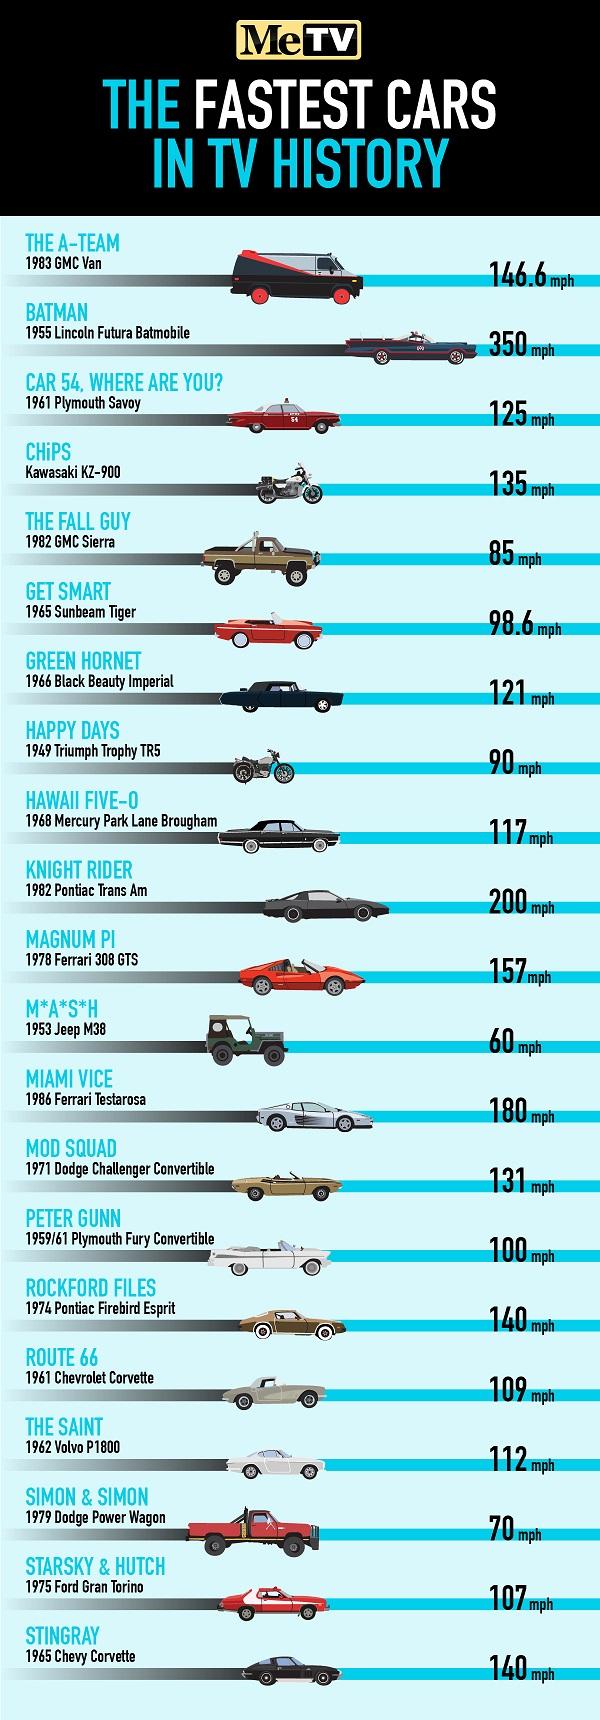 Τα πιο γρήγορα: Είδατε τα πιο διάσημα αυτοκίνητα της μικρής οθόνης μας. Ποιο, όμως, είναι το πιο γρήγορο; Η ομάδα του MeTV… υπολόγισε και βρήκε τον νικητή. Αλήθεια, ποιο είναι το αγαπημένο σας;